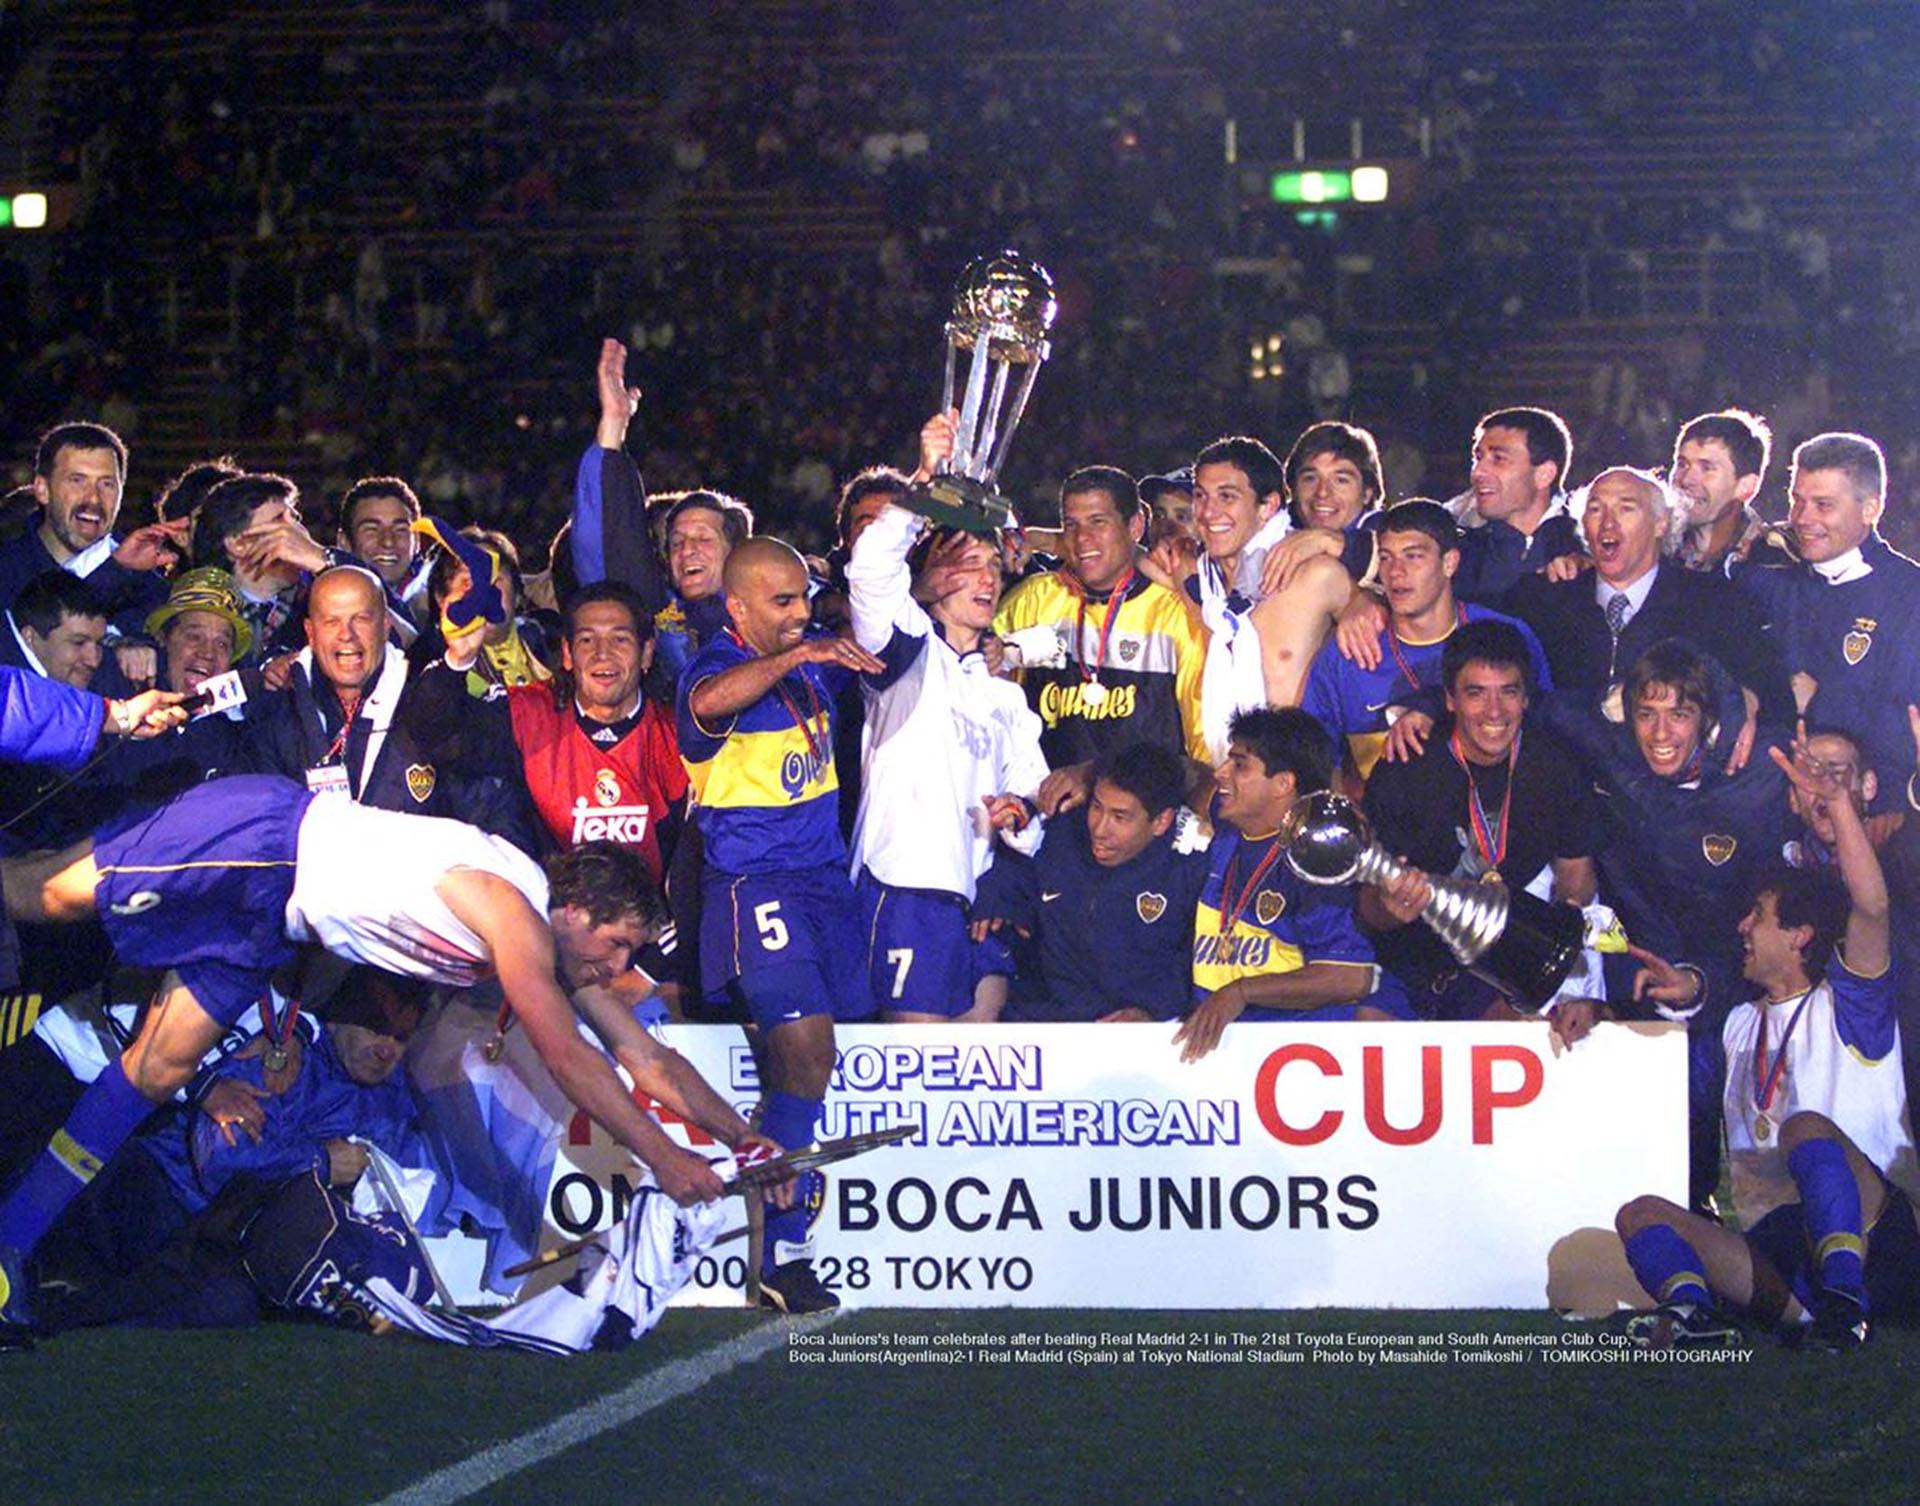 Boca celebra la obtención de la Intercontinental ante Real Madrid (Photo by Masahide Tomikoshi / TOMIKOSHI PHOTOGRAPHY @tphoto2005)